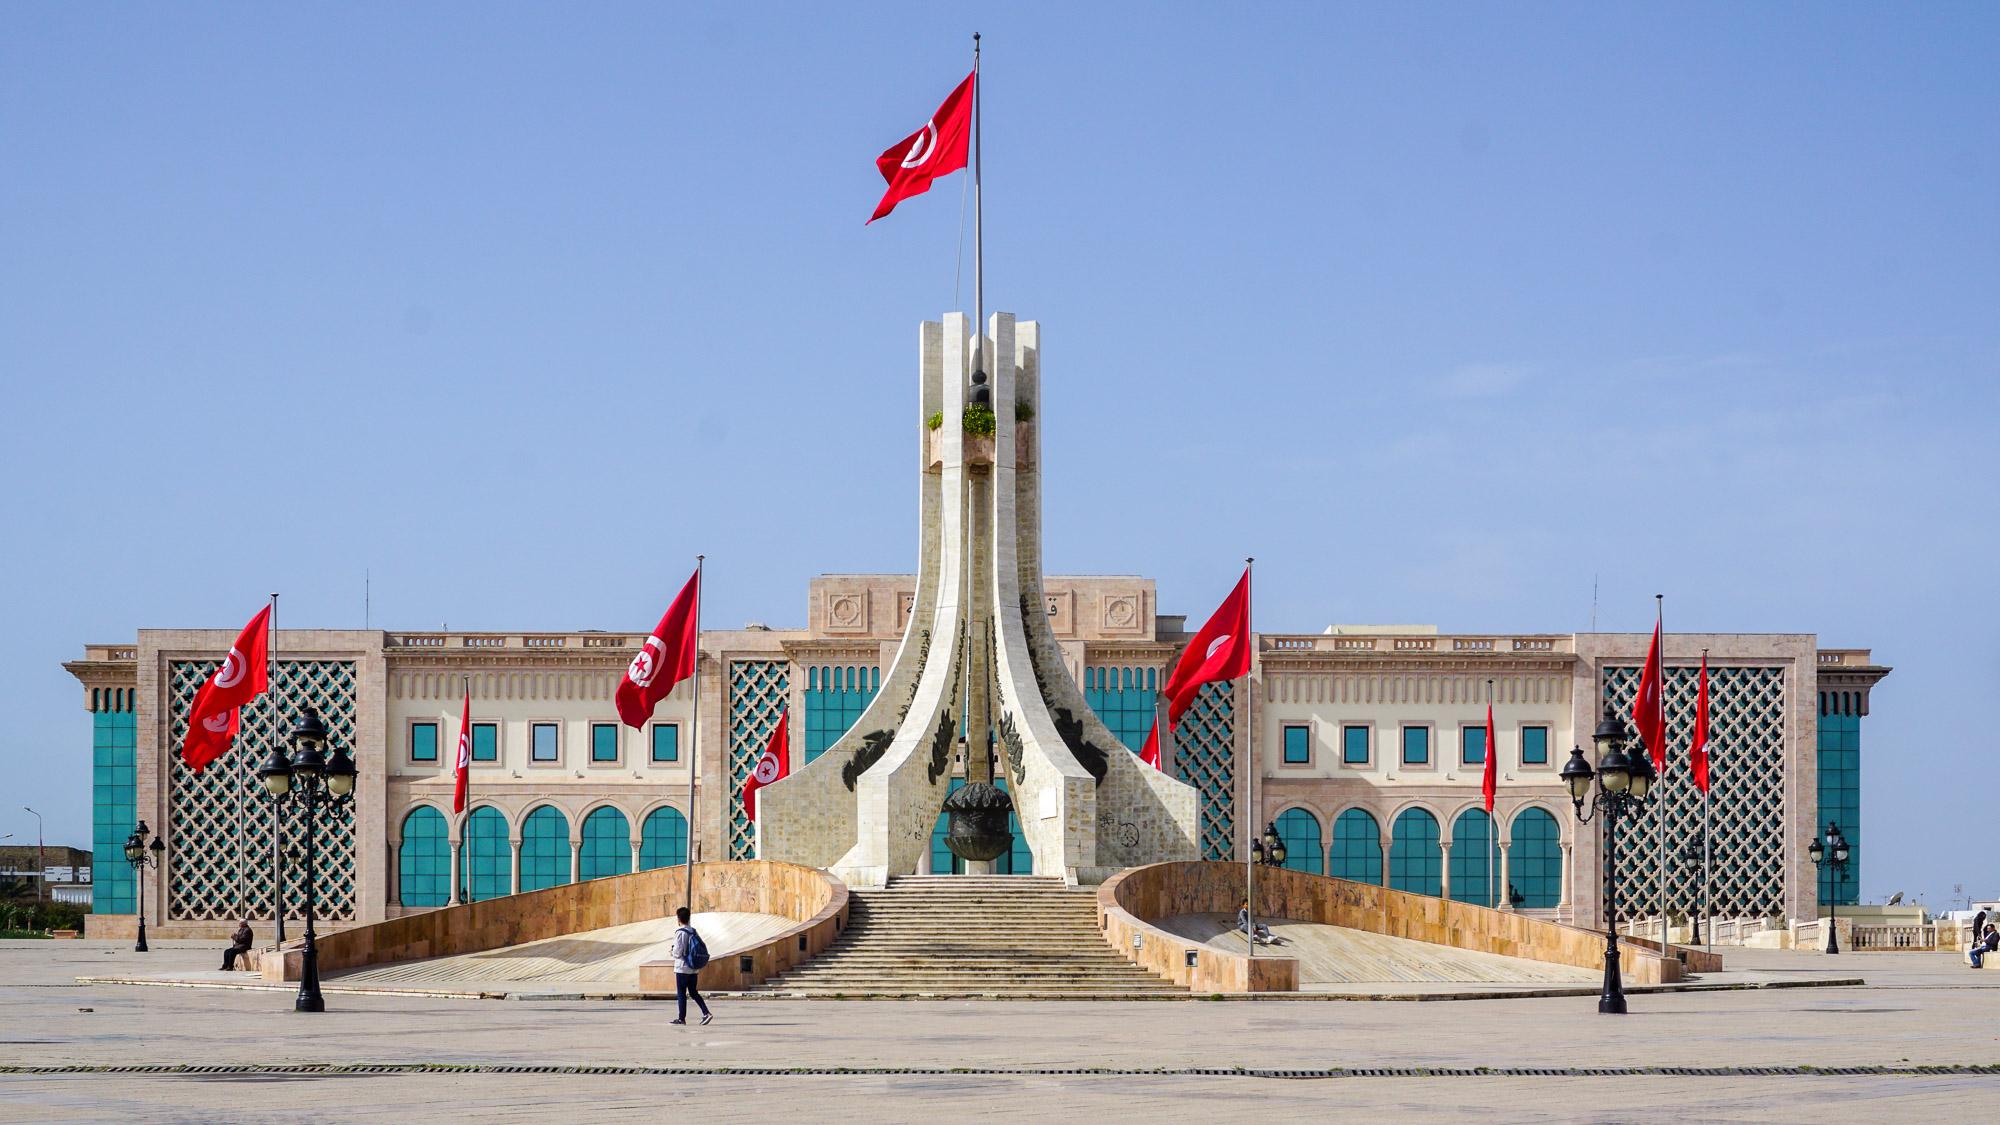 Fahnengeschmücktes Verwaltungsgebäude und Denkmal